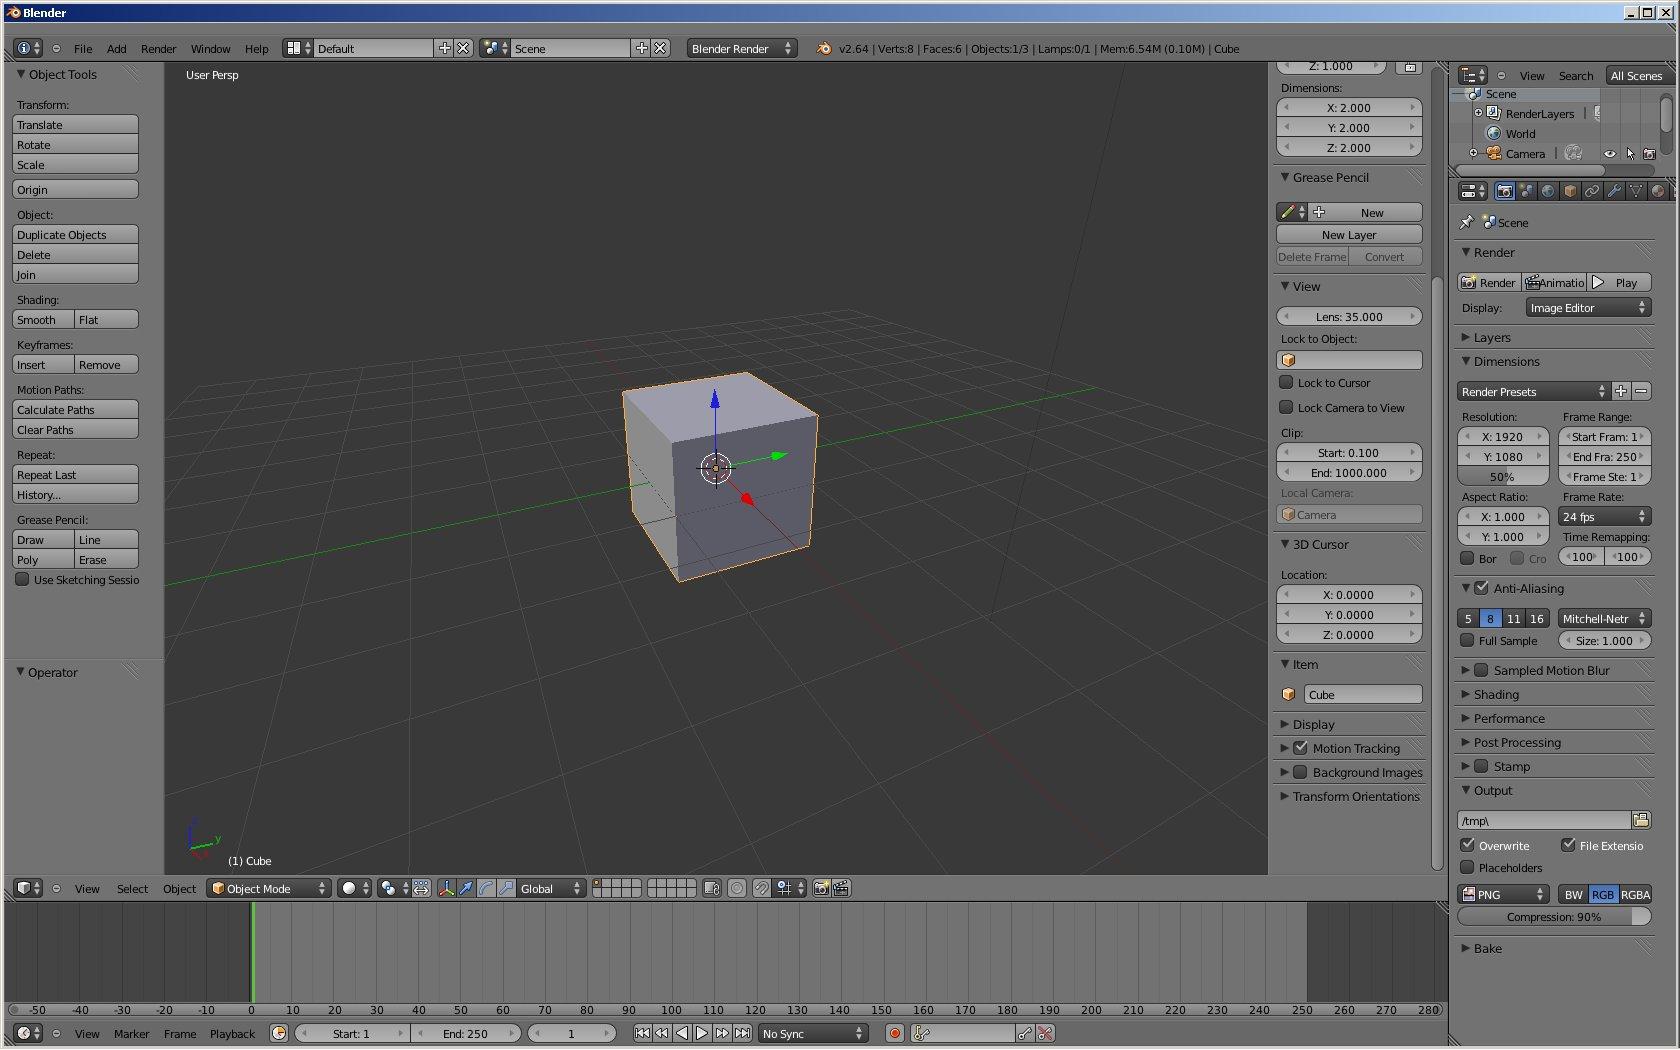 blender264_interface